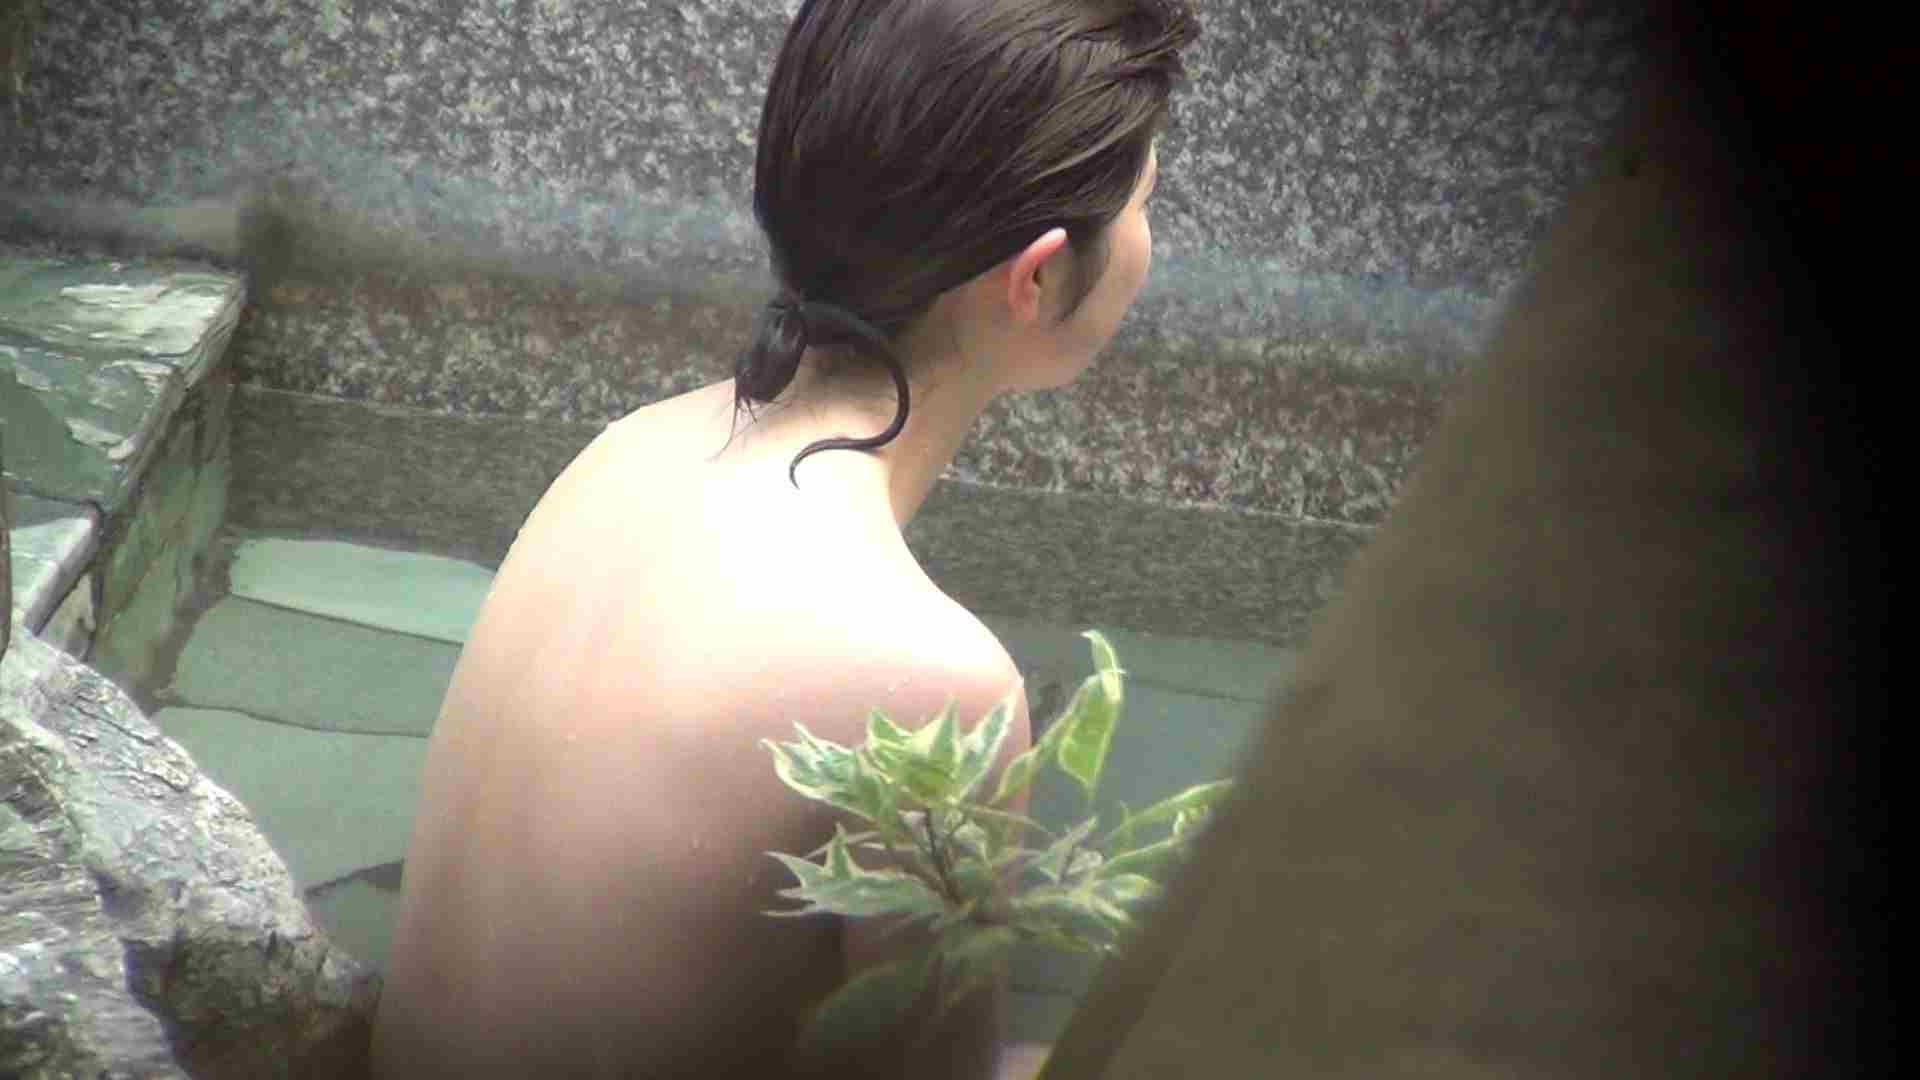 Aquaな露天風呂Vol.262 盗撮 盗撮動画紹介 78画像 68